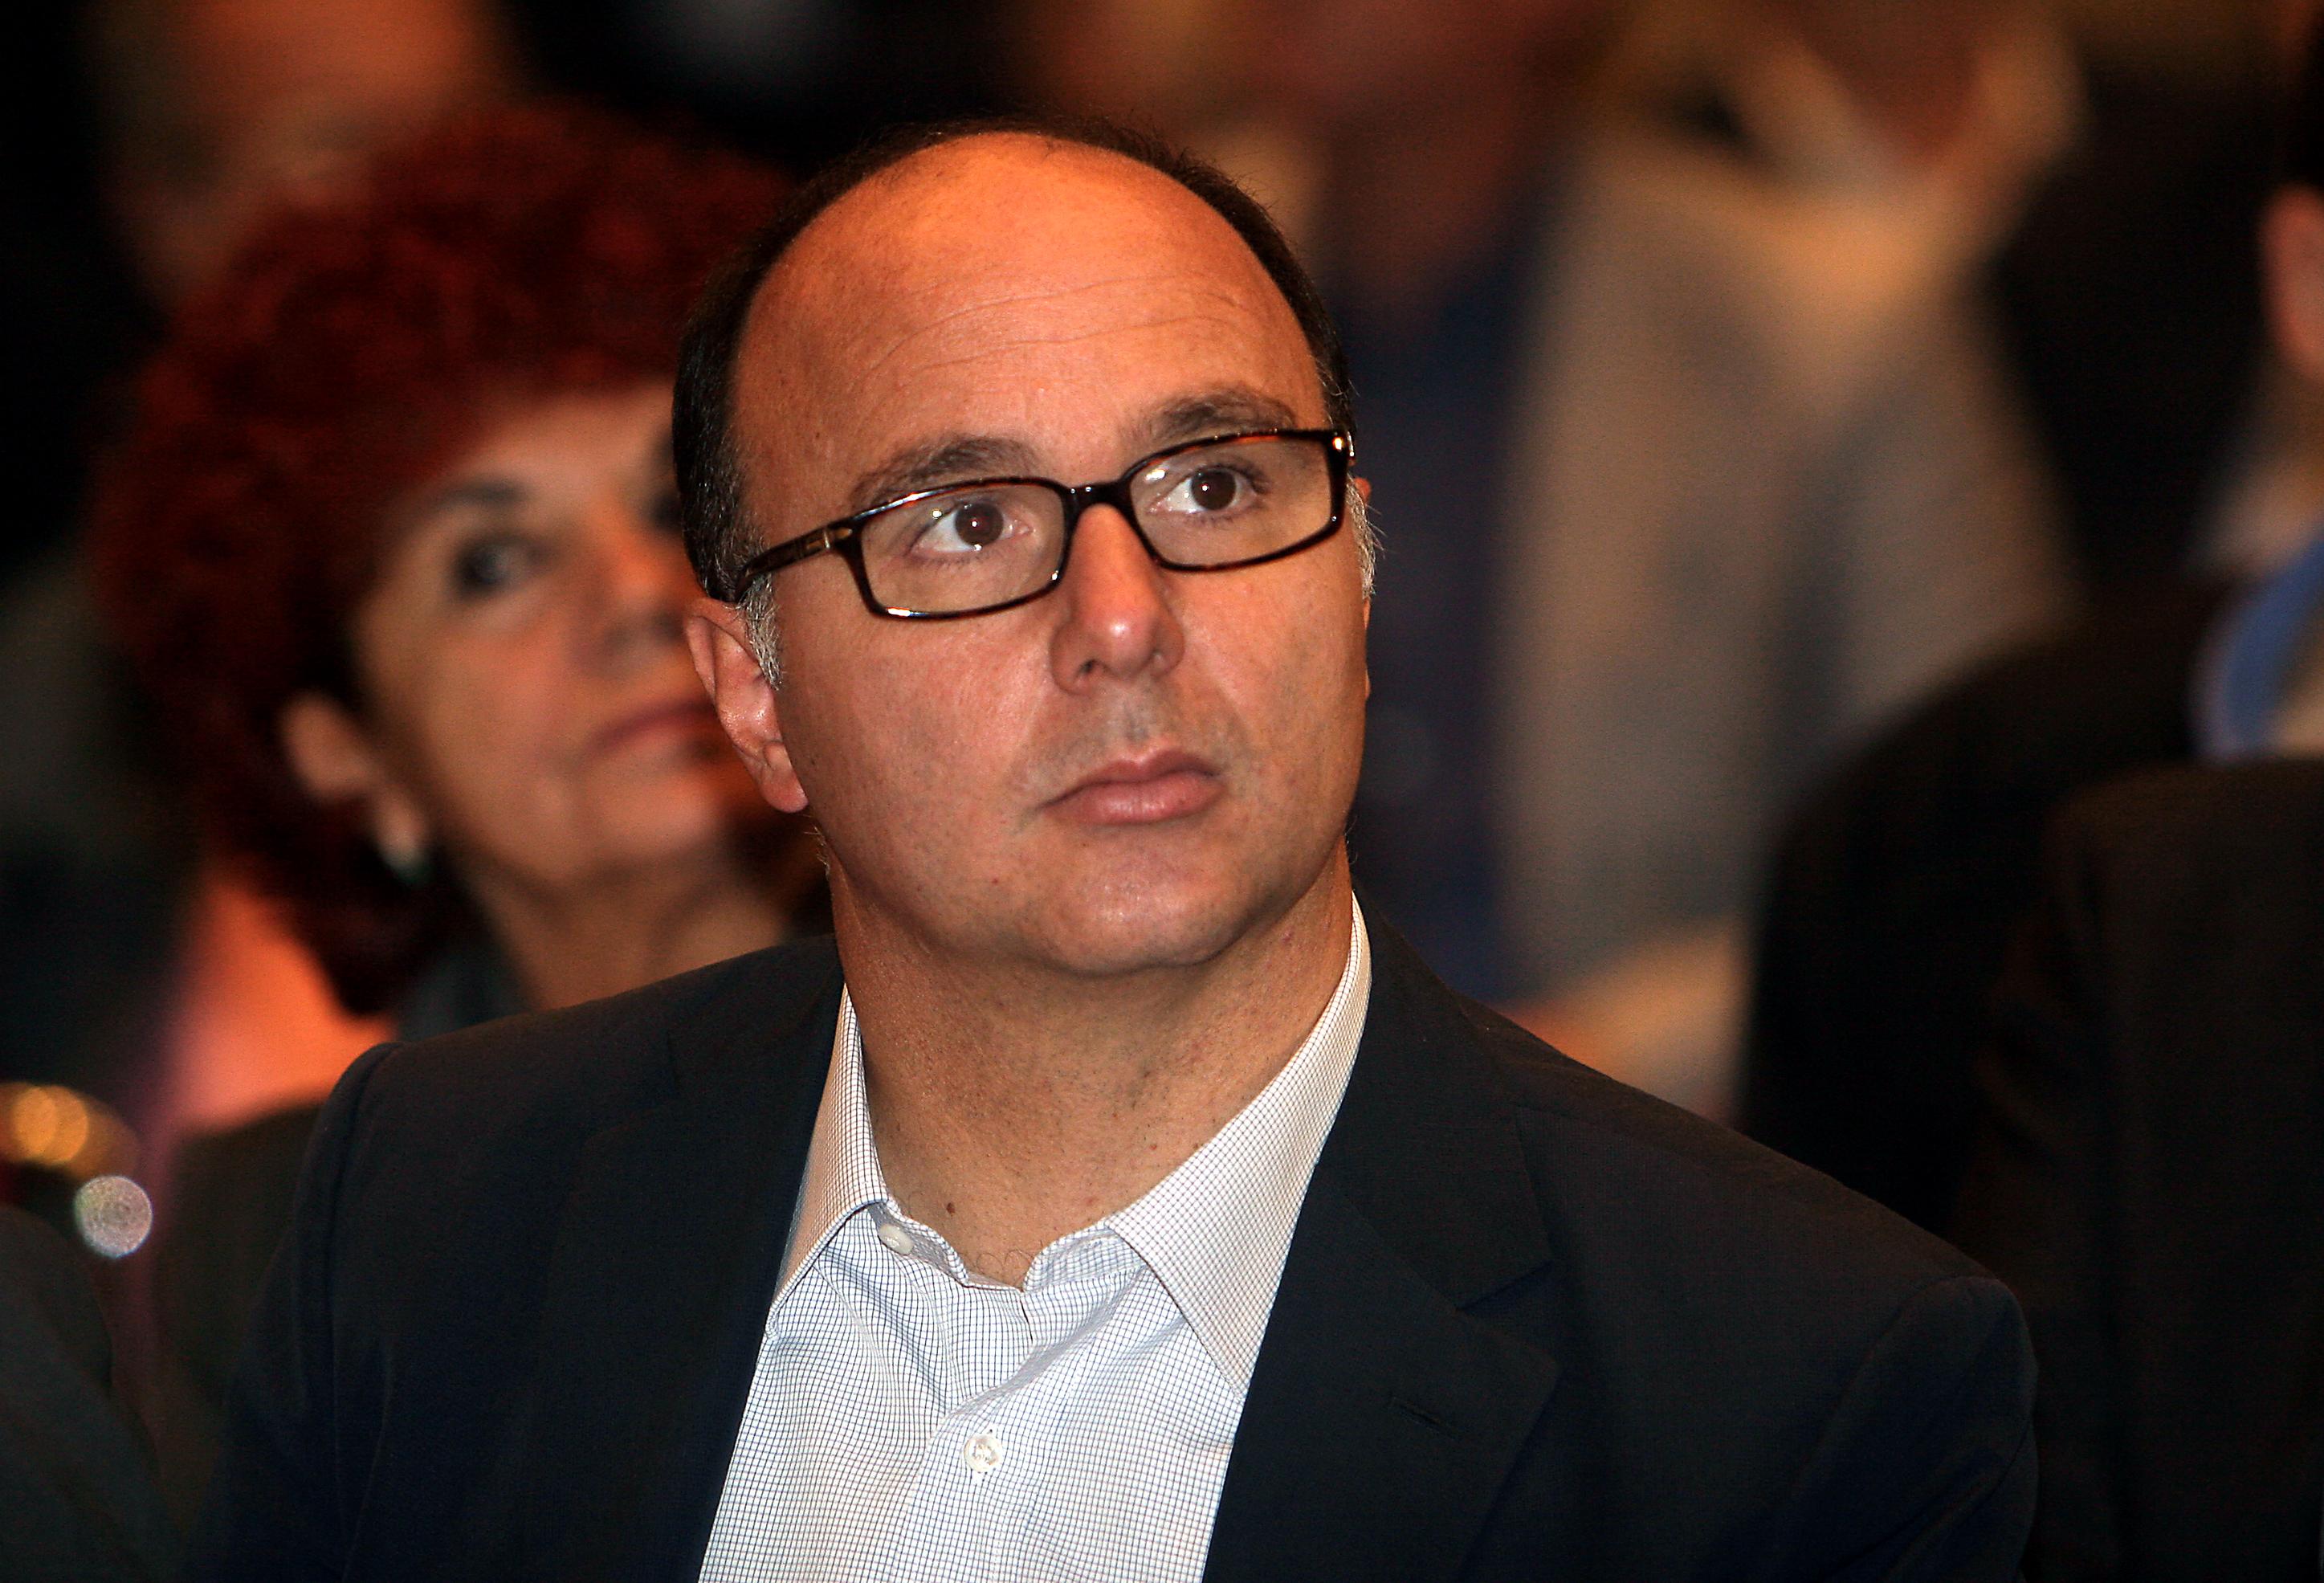 La classifica degli stipendi dei super manager italiani andrea guerra primo con 68 milioni di - La finestra di fronte andrea guerra ...